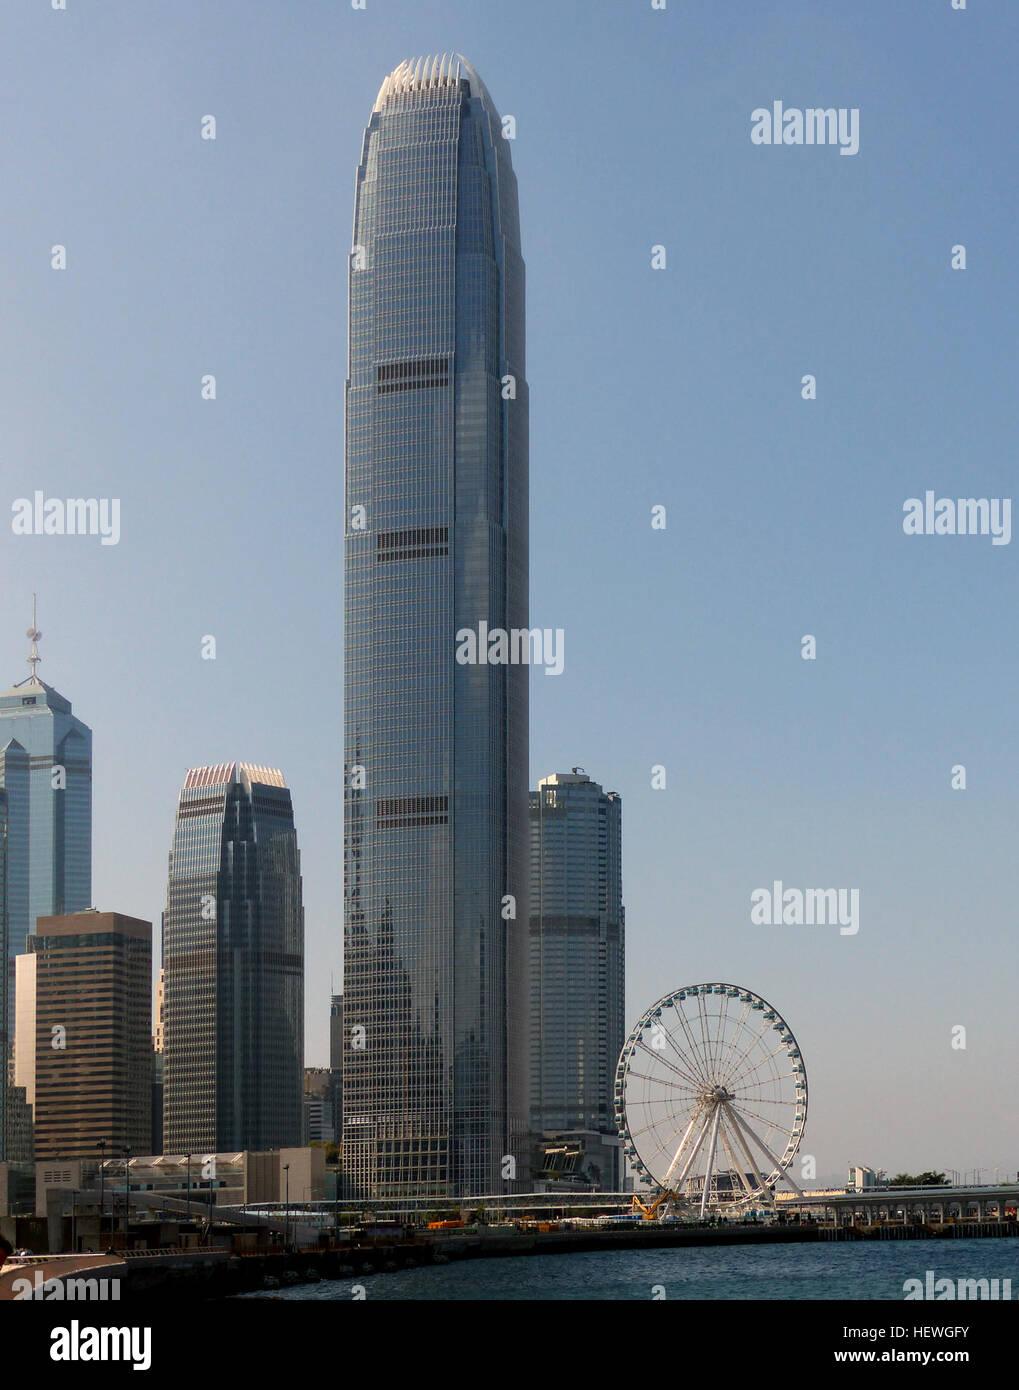 Die Meisten Großen Städte Haben Eine Sache Gemeinsam Nein Nicht